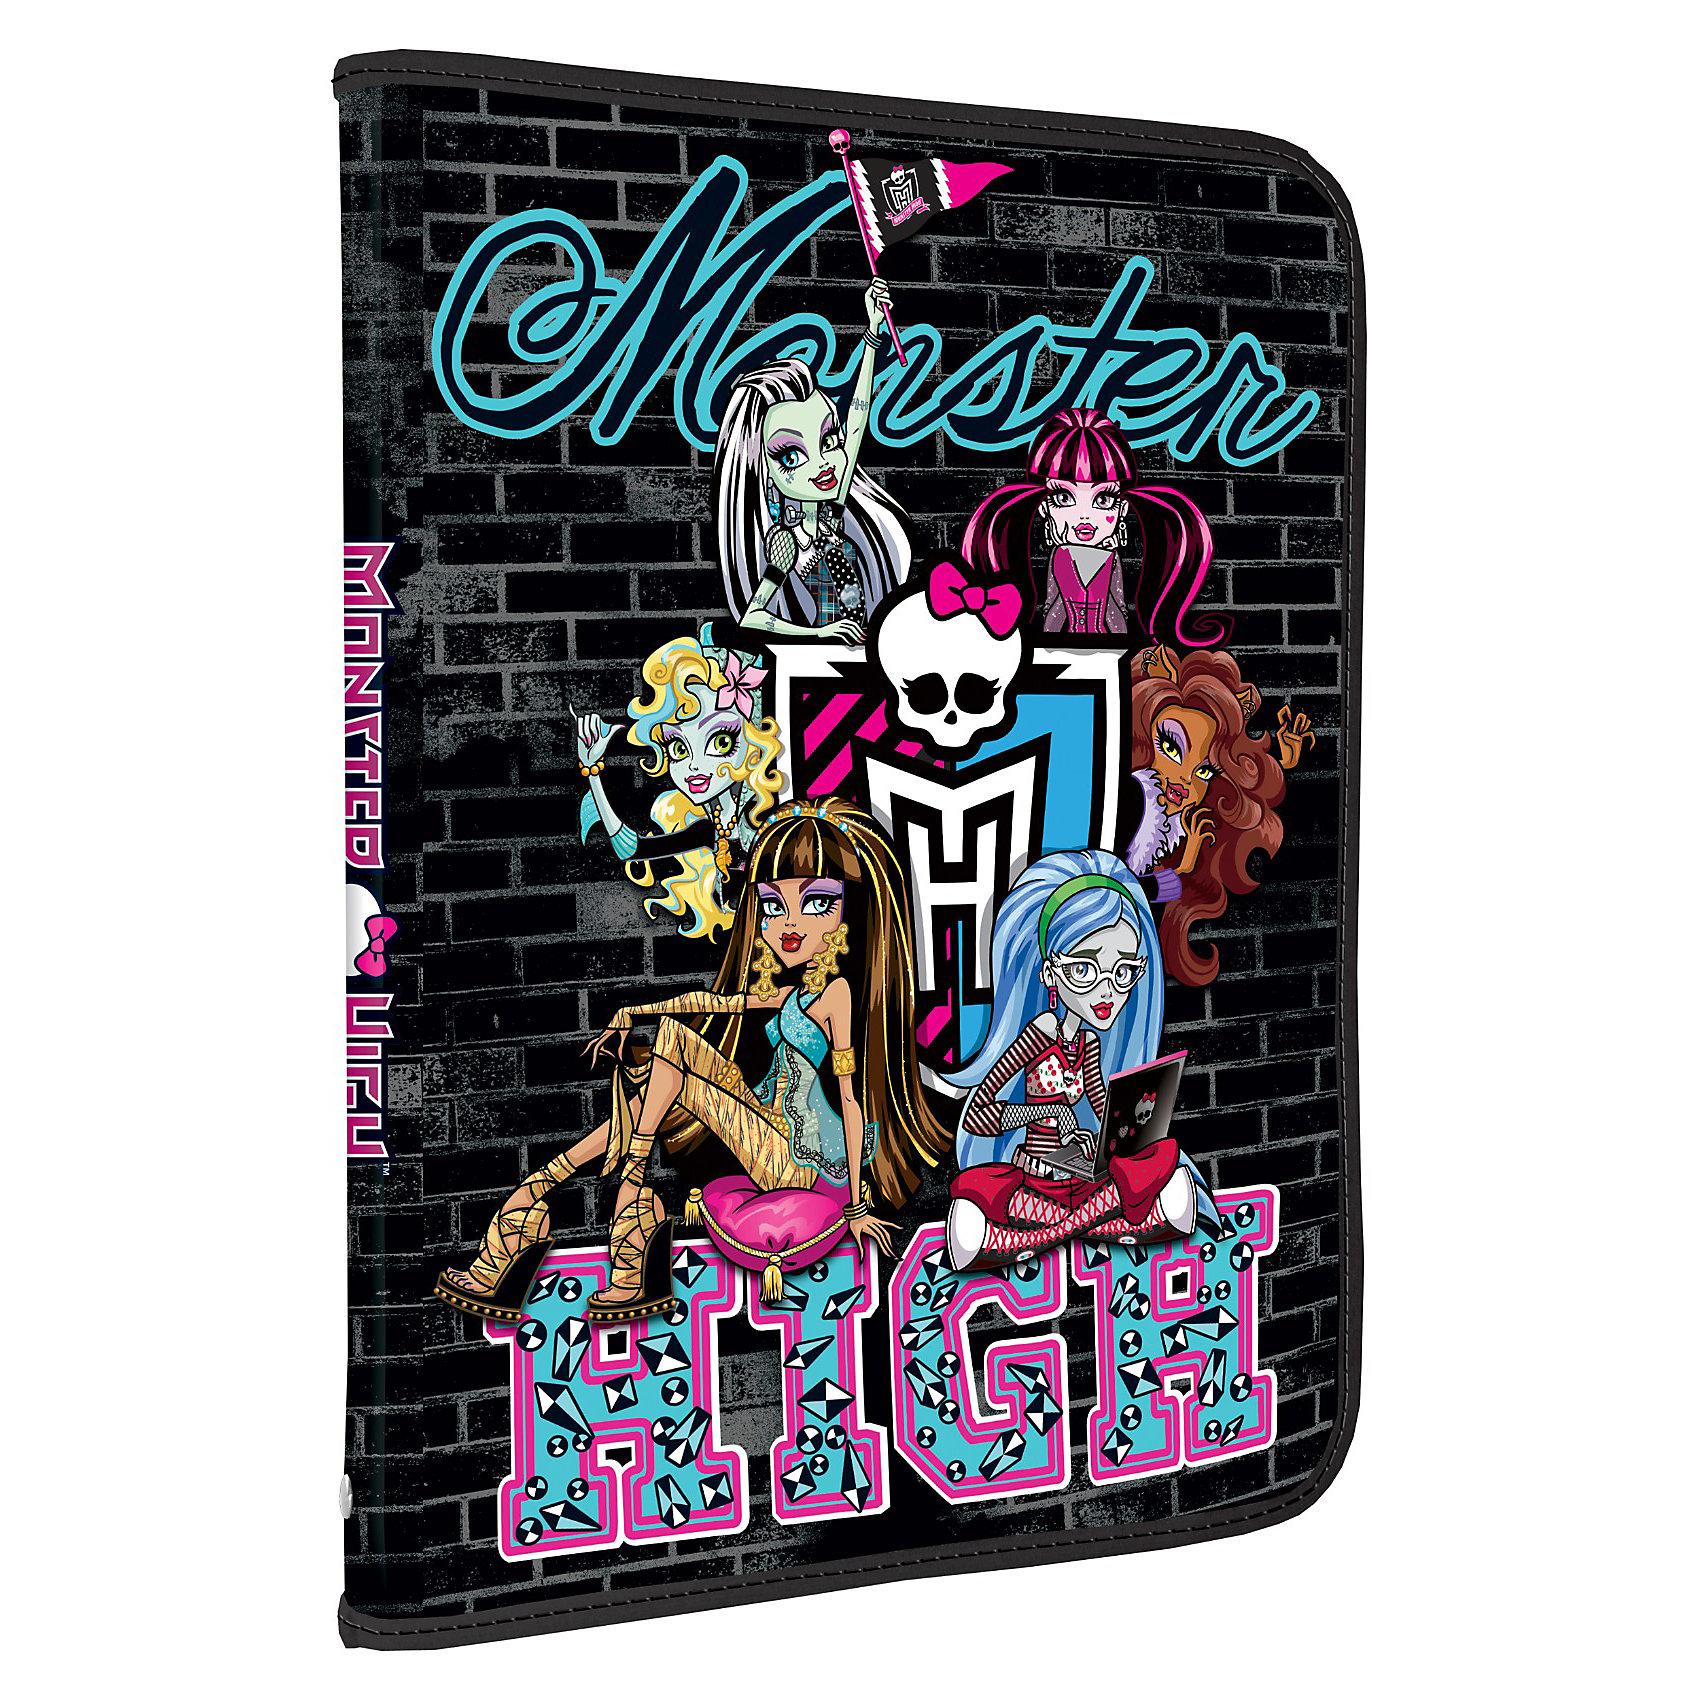 Папка для тетрадей на молнии, Monster HighMonster High<br>Папка для тетрадей на молнии, Monster High (Монстр Хай) – полезное приобретение для девочки-школьницы, любительницы сериала Monster High.<br>Пластиковая папка для тетрадей с изображением героинь мультфильма Monster High. Стильная и модная папка позволит выделиться вашей дочке среди одноклассников. Папка закрывается с трех сторон на молнию.<br><br>Дополнительная информация:<br><br>- Размер: 228x377 мм<br>- Материал: пластик 0,5мм.<br><br>Папку для тетрадей на молнии, Monster High (Монстр Хай) можно купить в нашем интернет-магазине.<br><br>Ширина мм: 228<br>Глубина мм: 377<br>Высота мм: 10<br>Вес г: 580<br>Возраст от месяцев: 120<br>Возраст до месяцев: 144<br>Пол: Женский<br>Возраст: Детский<br>SKU: 3563232